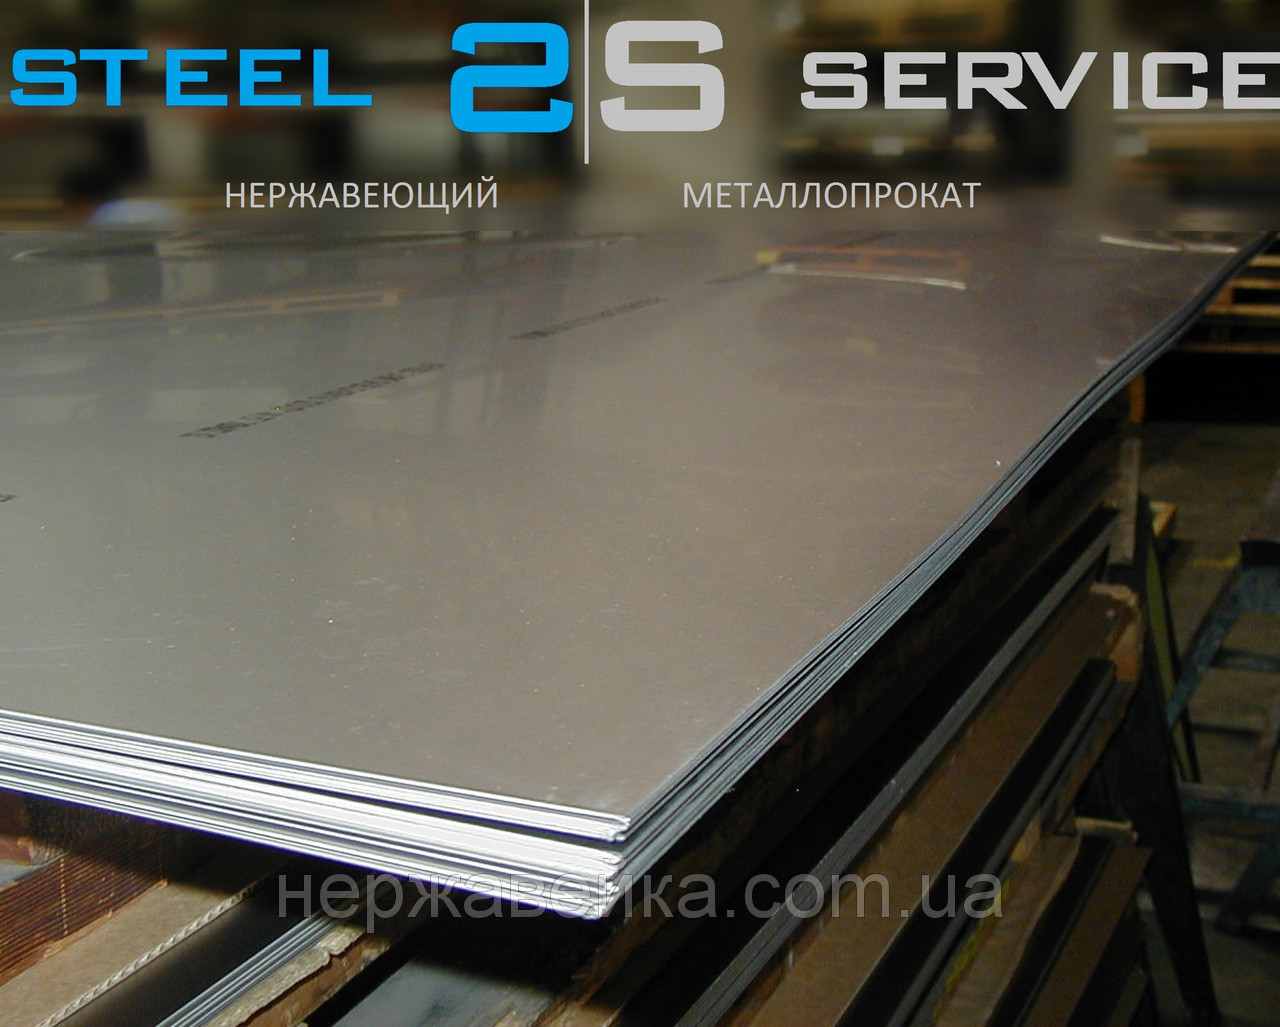 Нержавеющий лист 4х1500х6000мм  AISI 309(20Х23Н13, 20Х20Н14С2) 2B - матовый,  жаропрочный